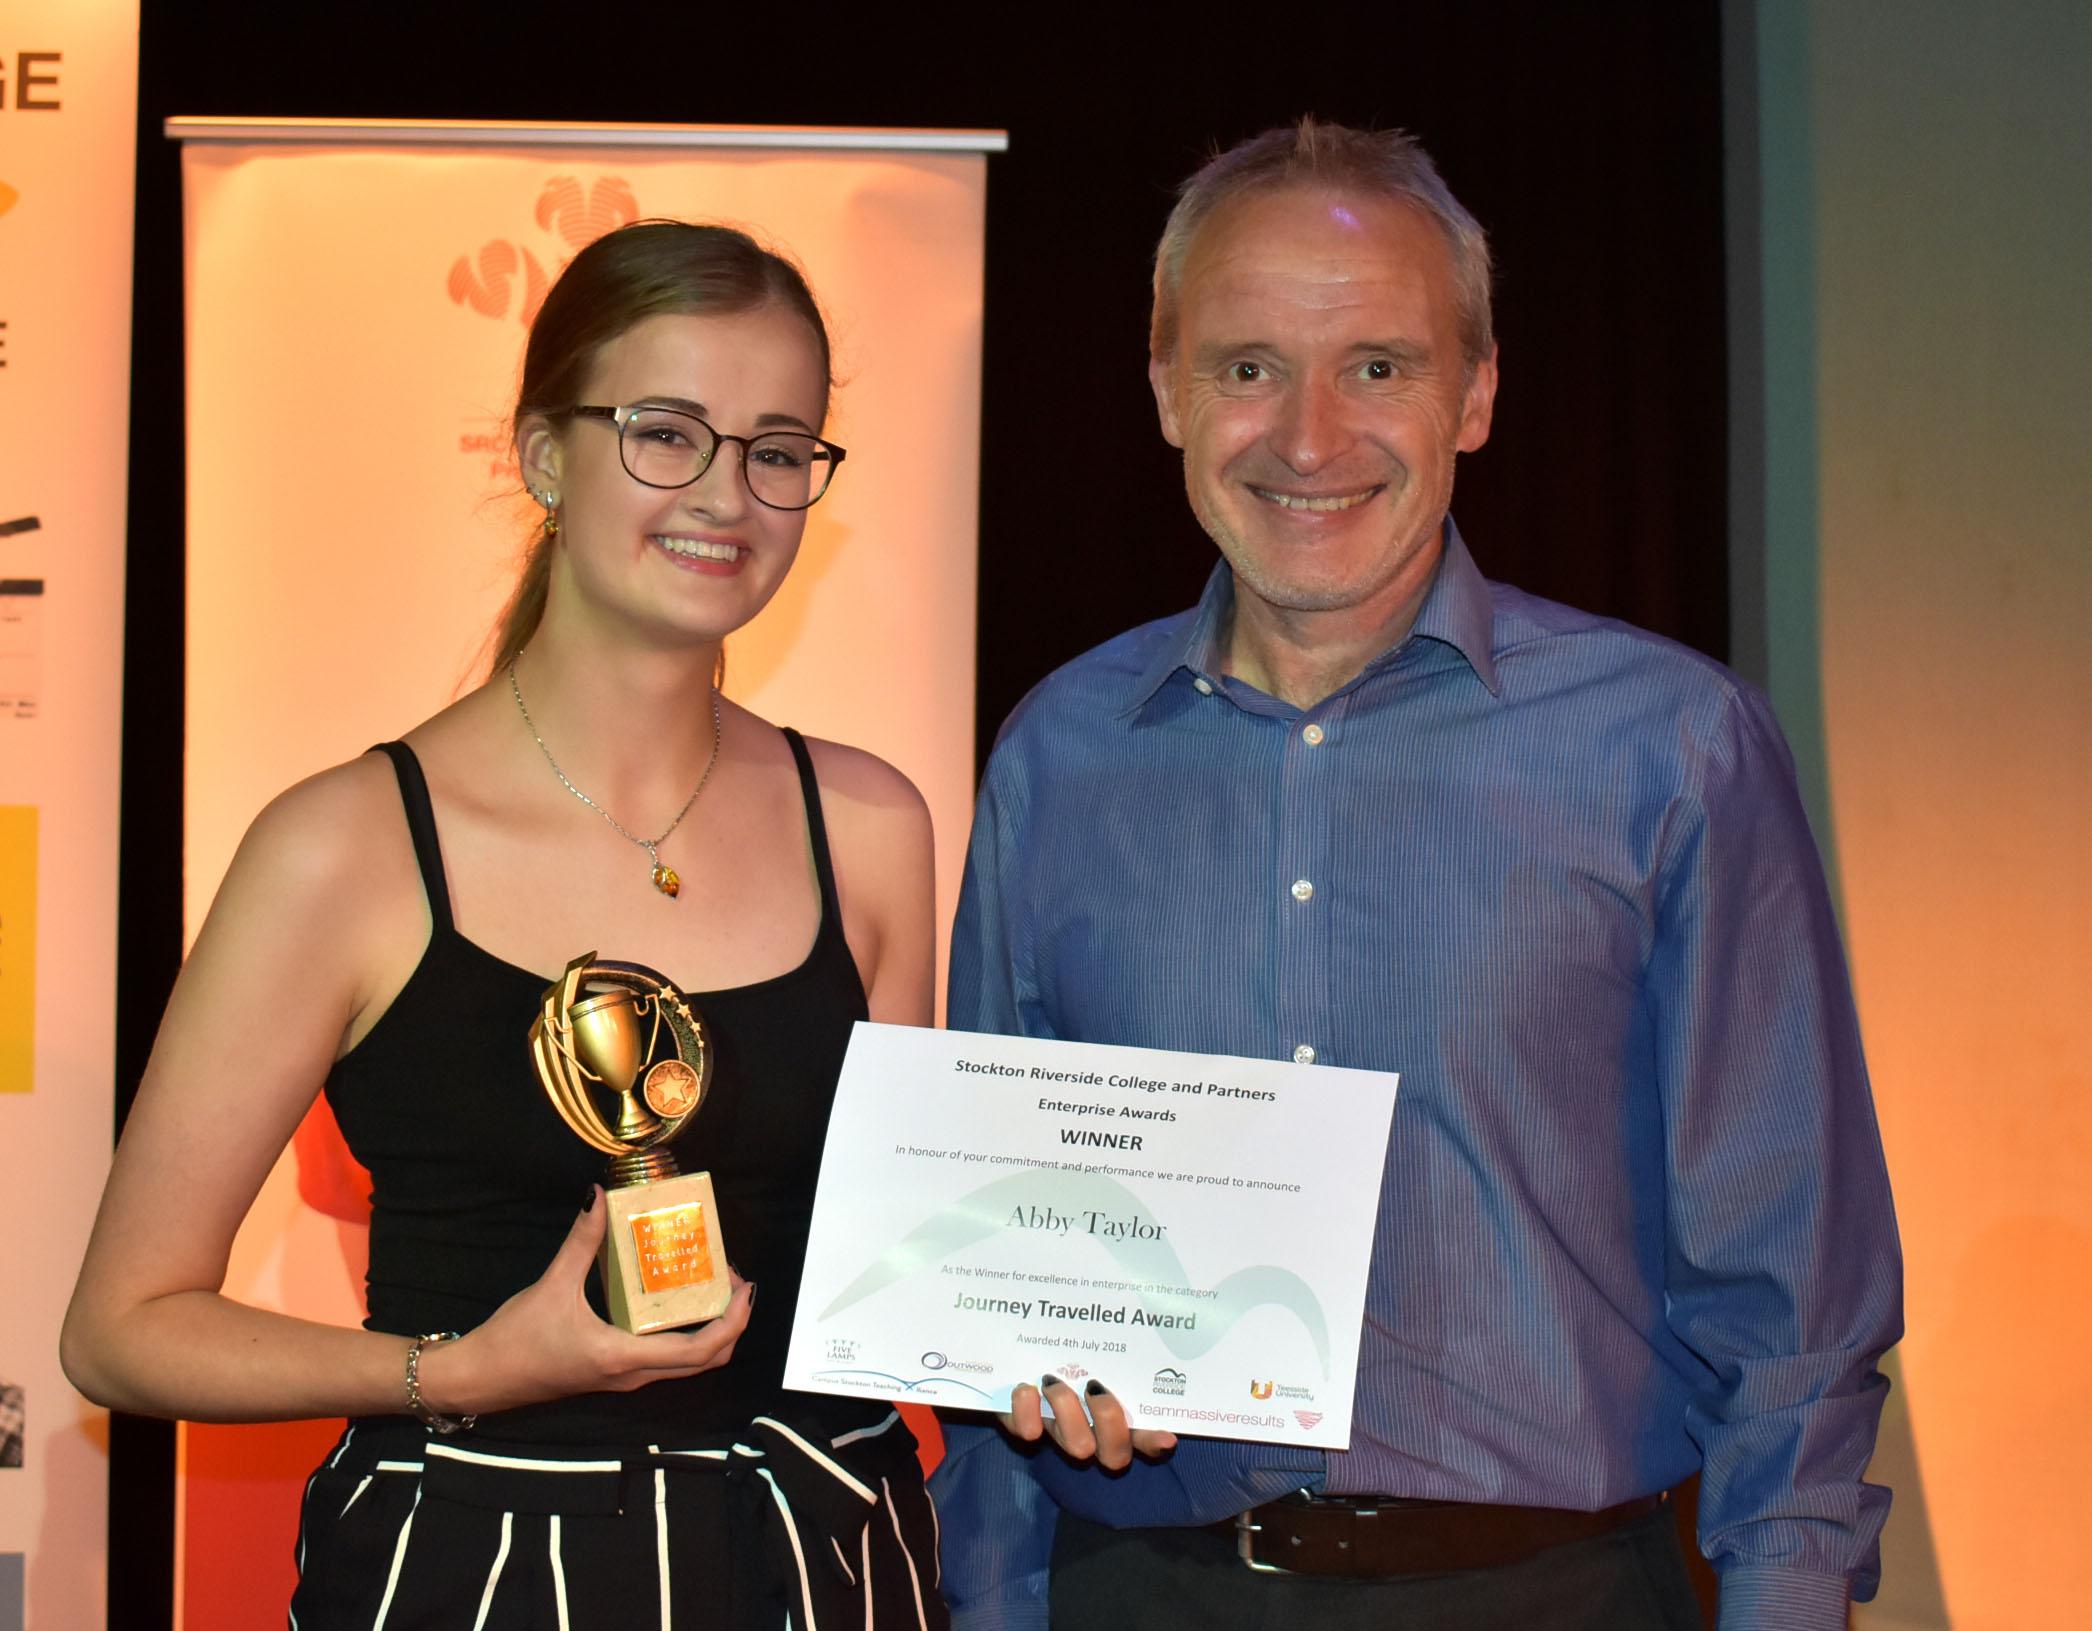 Enterprising Stockton Awards Abby Taylor